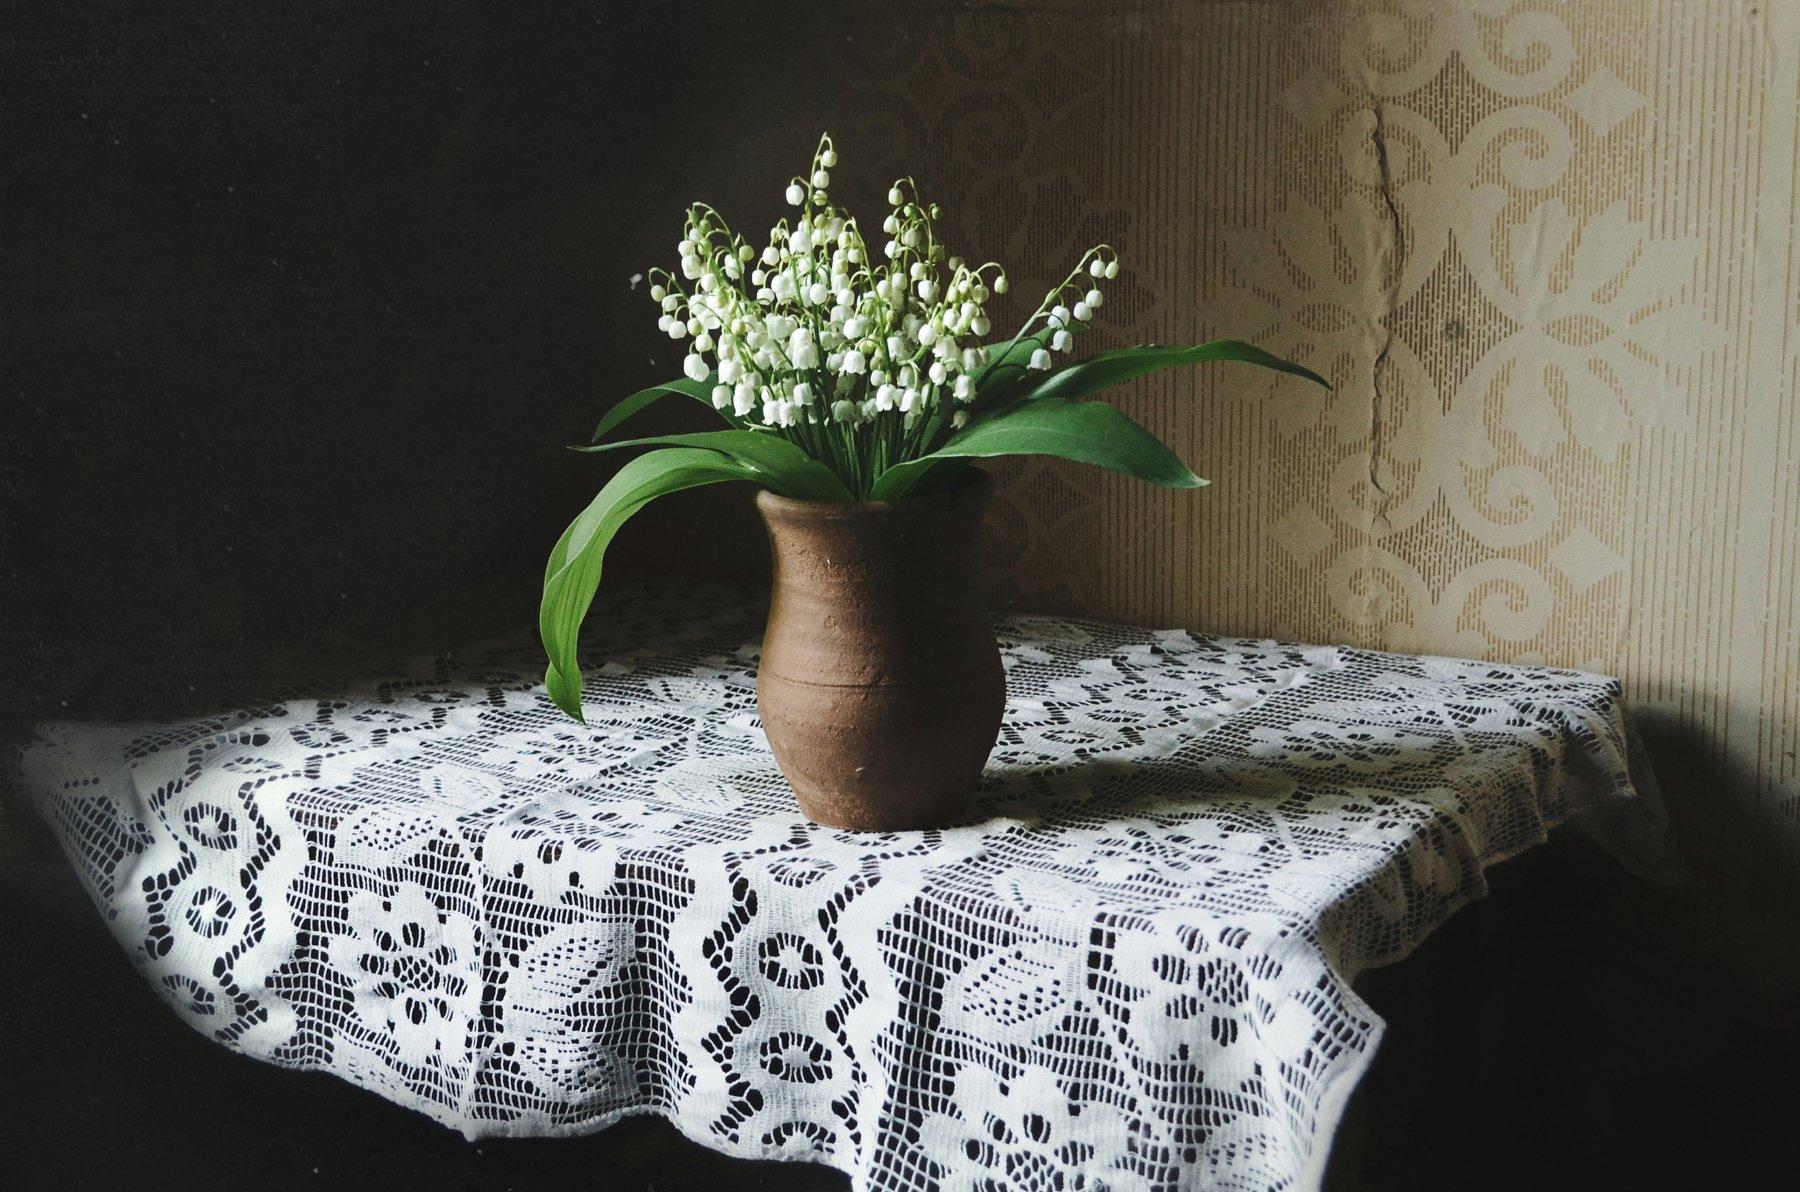 весна, май, ландыши, цветы, горшок, ваза, деревня, анна салтыкова, натюрморт, уют, Анна Сергеевна Салтыкова (Анка)